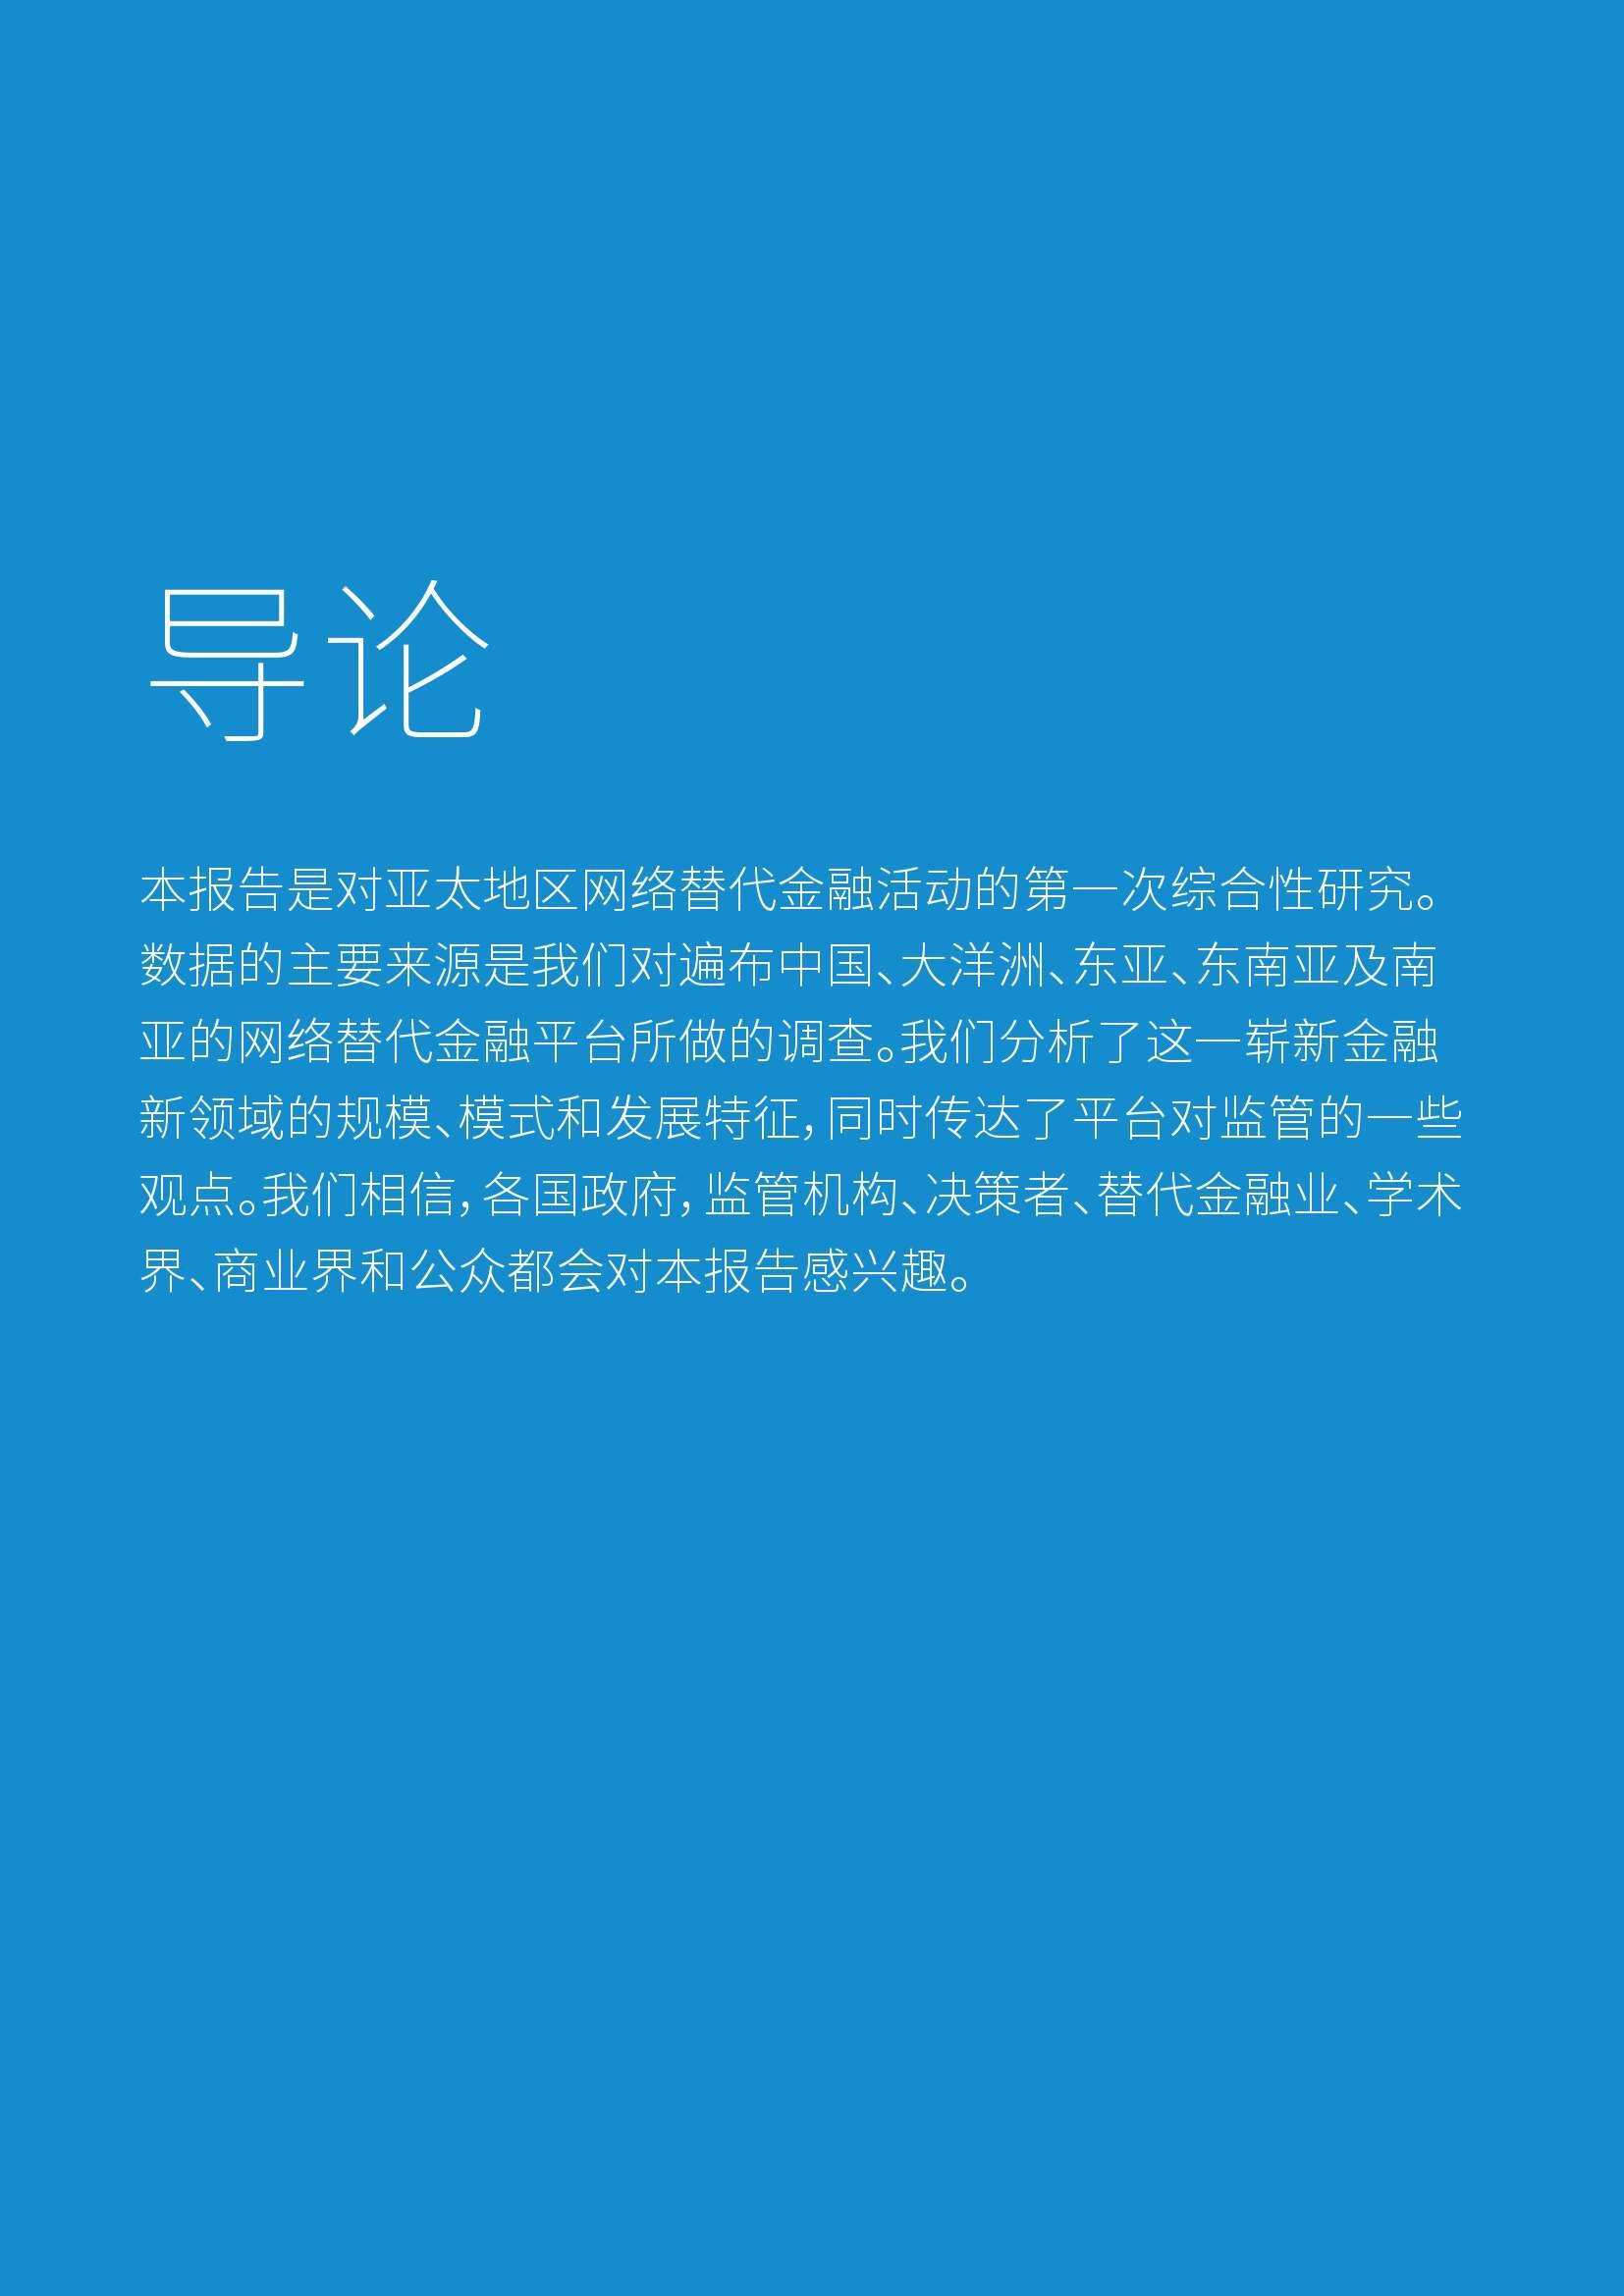 亚太地区网络替代金融基准报告_000021